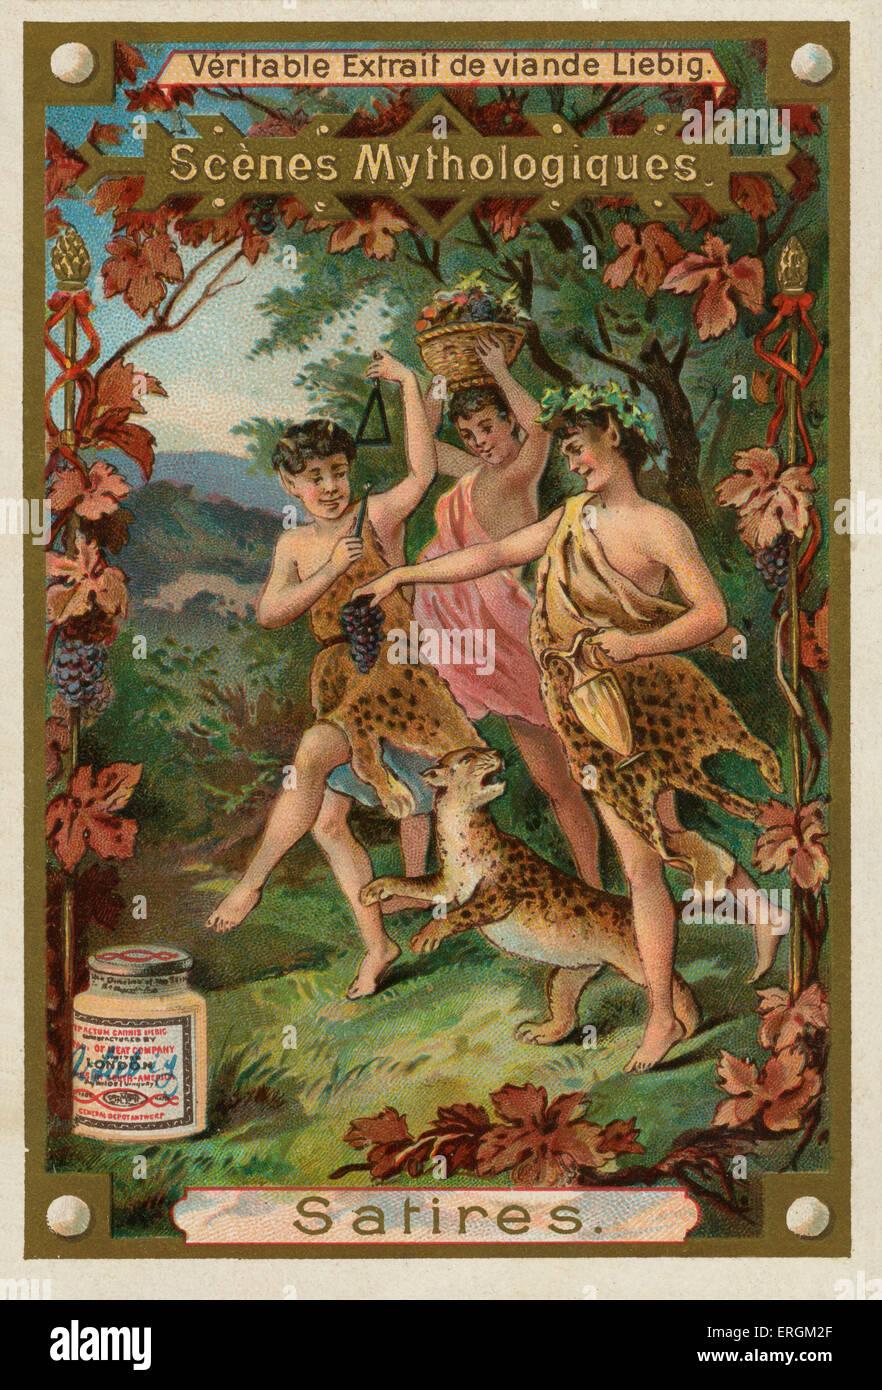 Sátiro/ Sátiras- uno de una tropa de compañeros de pan y Dioniso cabra con similares características. Imagen De Stock